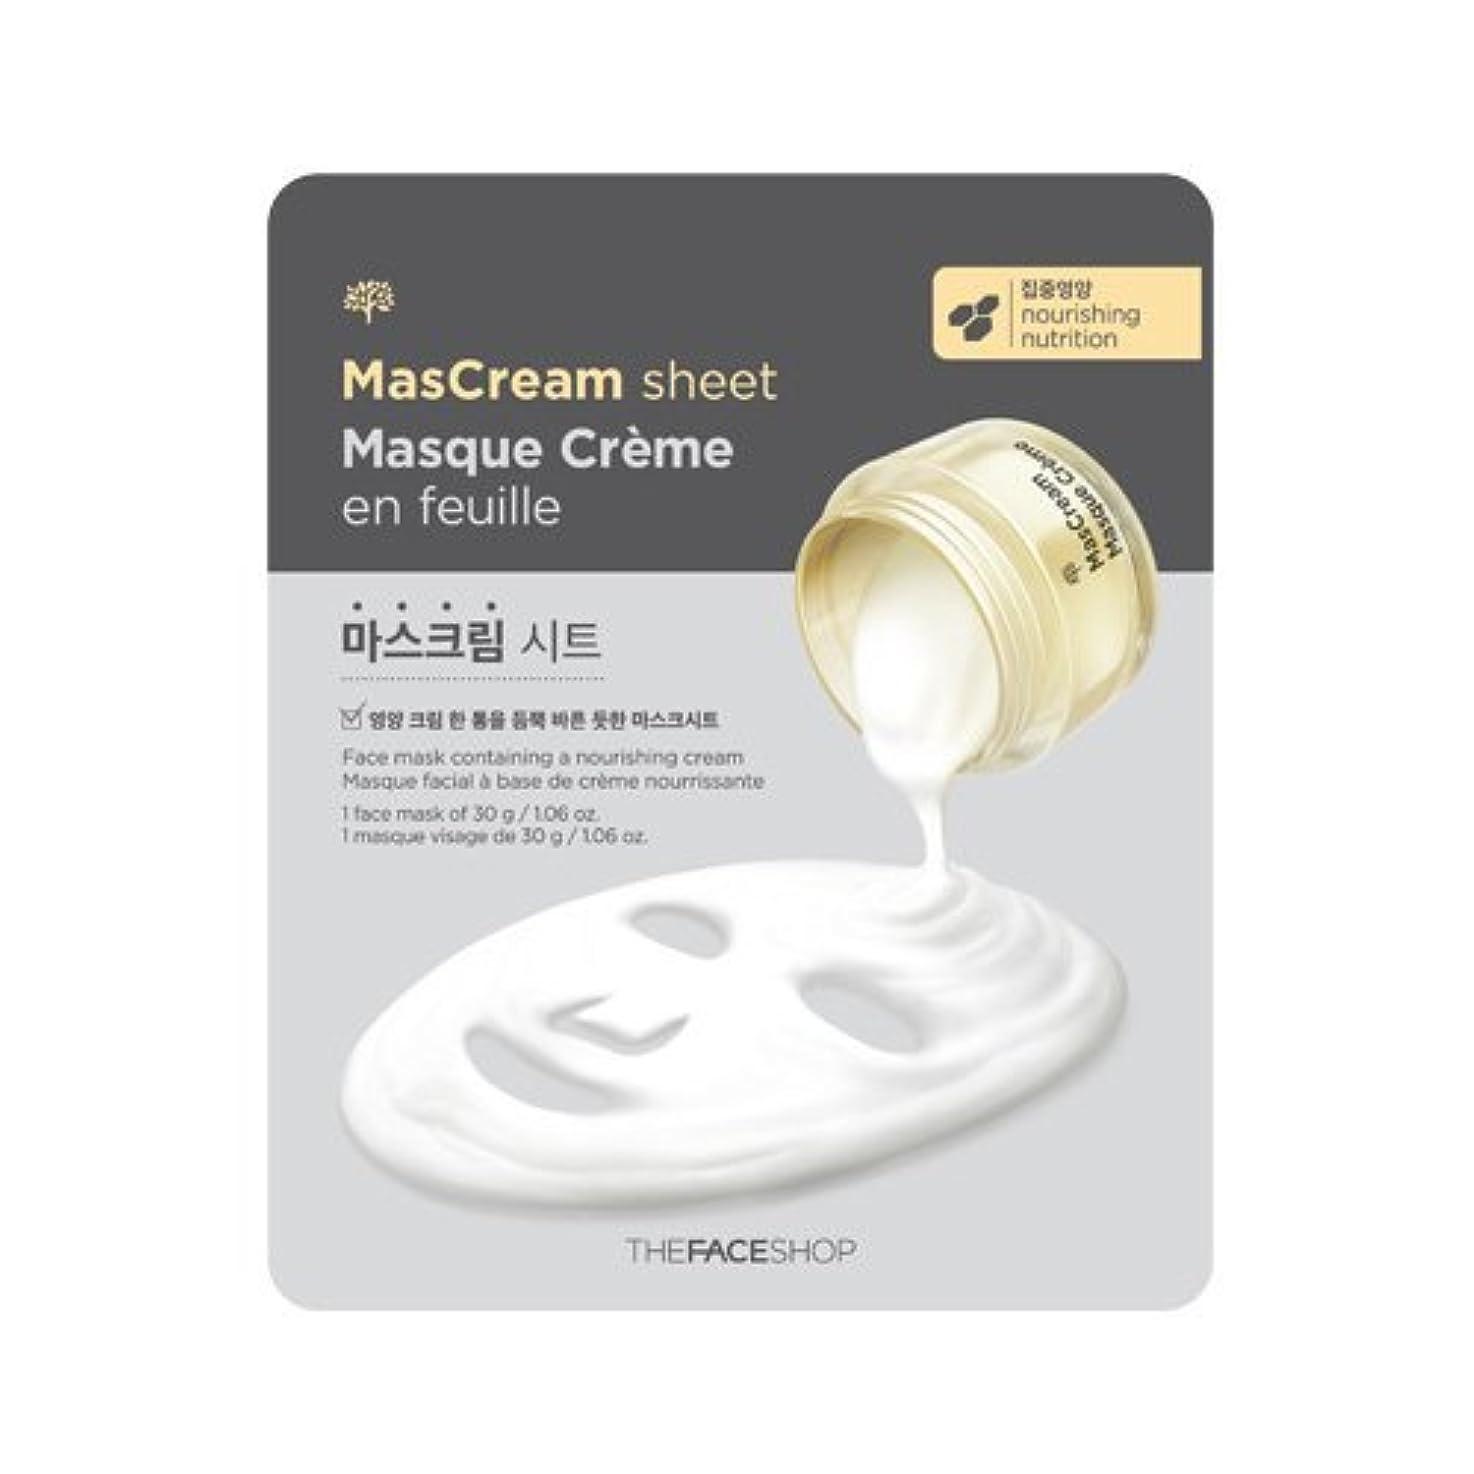 ザフェイスショップ [THE FACE SHOP] MASCREAM SHEET x 5sheets マスクリームパック 5枚 (栄養/NOURISHING) [並行輸入品]